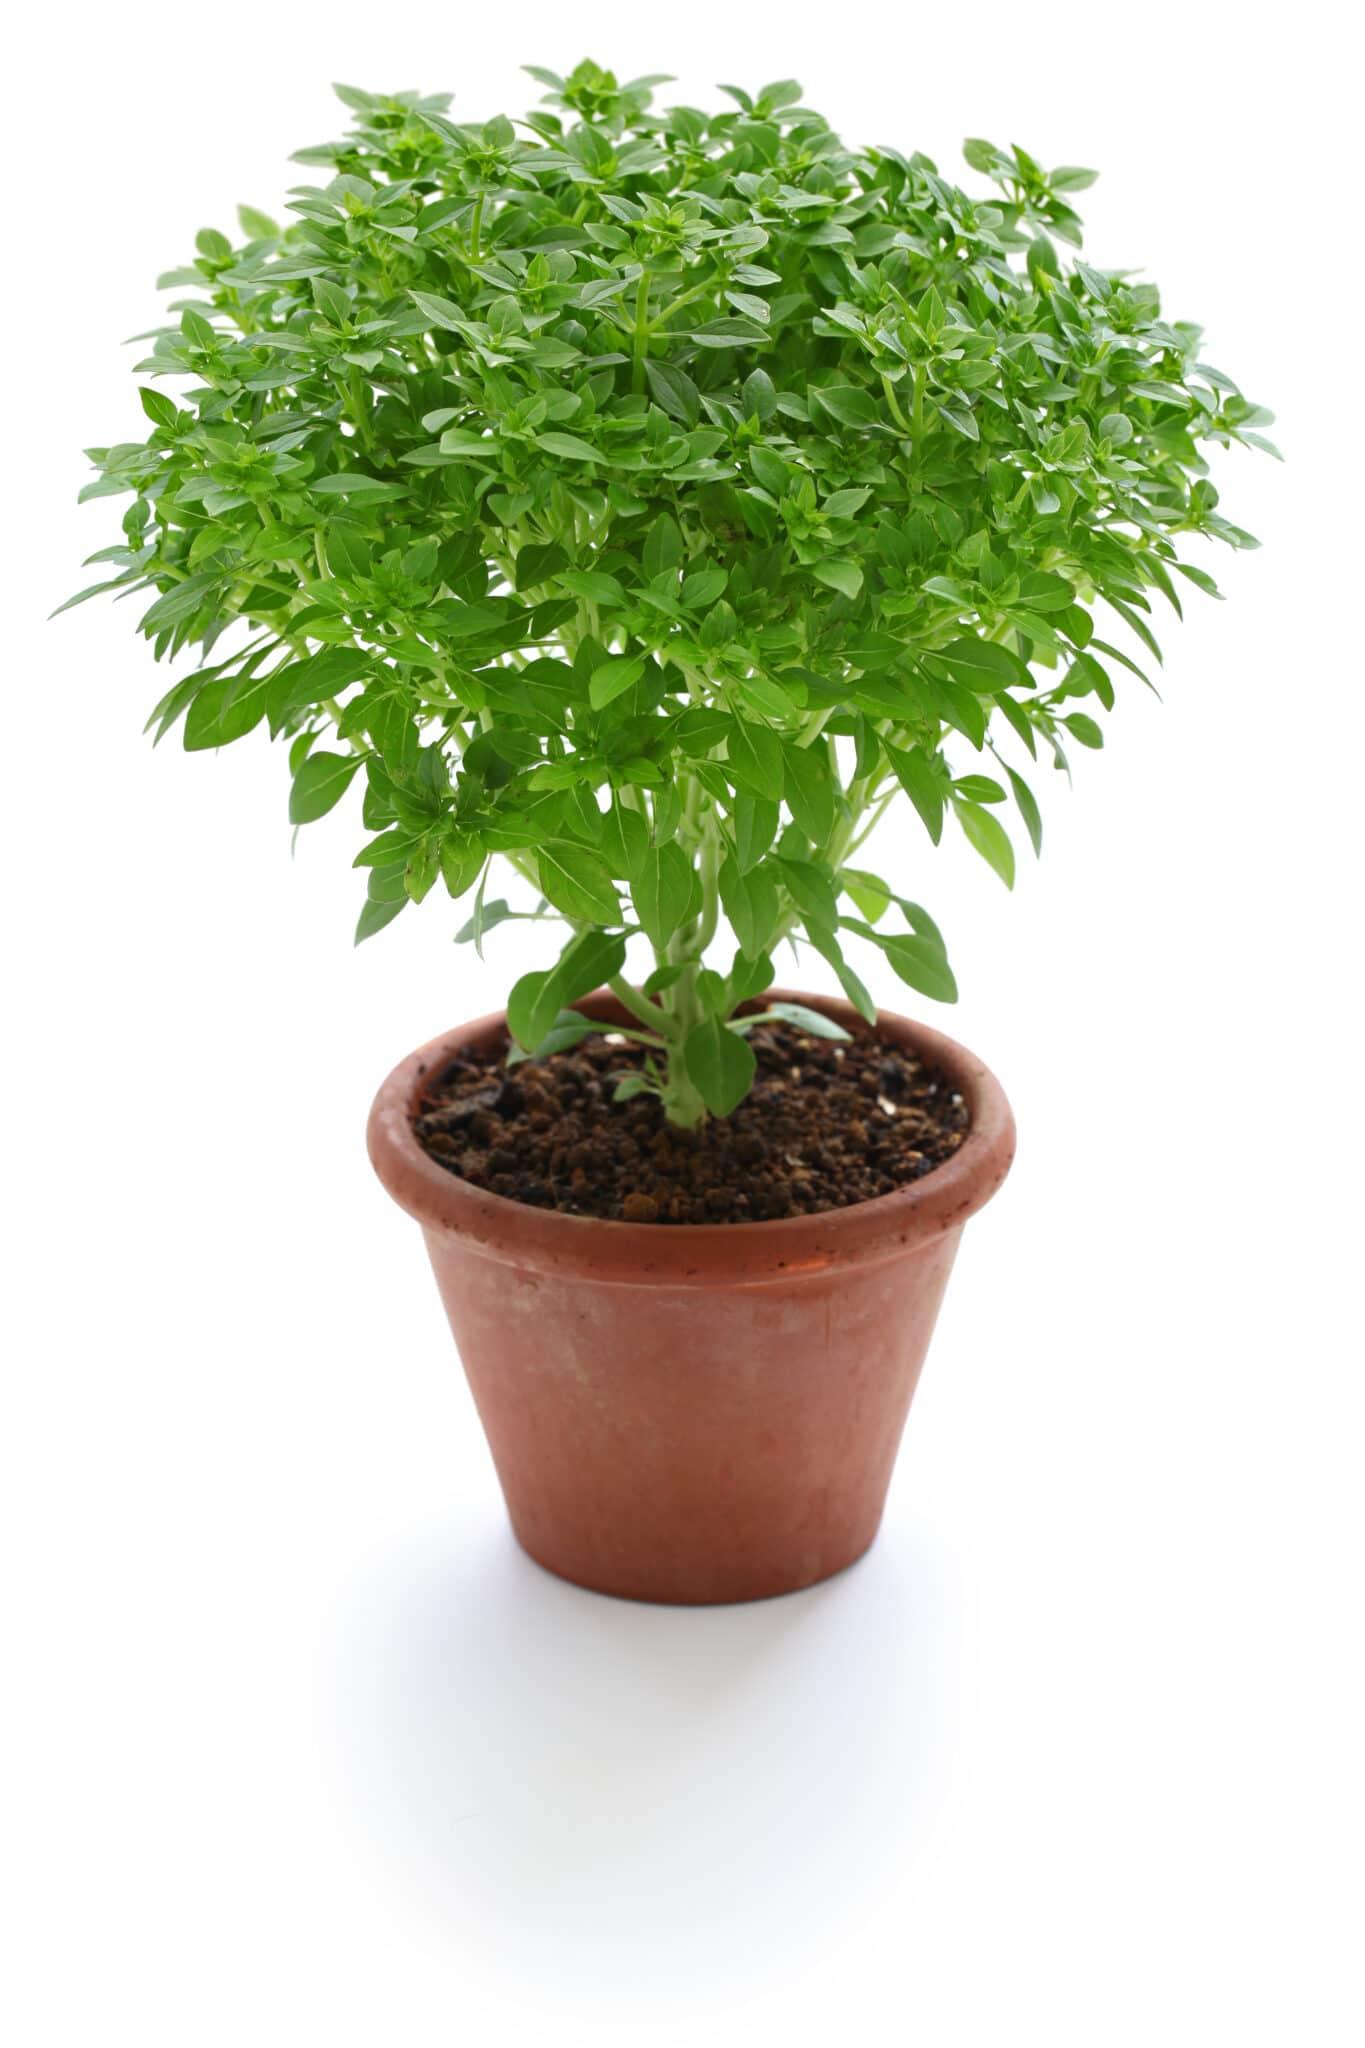 Una planta de albahaca griega que crece en una maceta de terracota roja sobre un fondo blanco brillante.